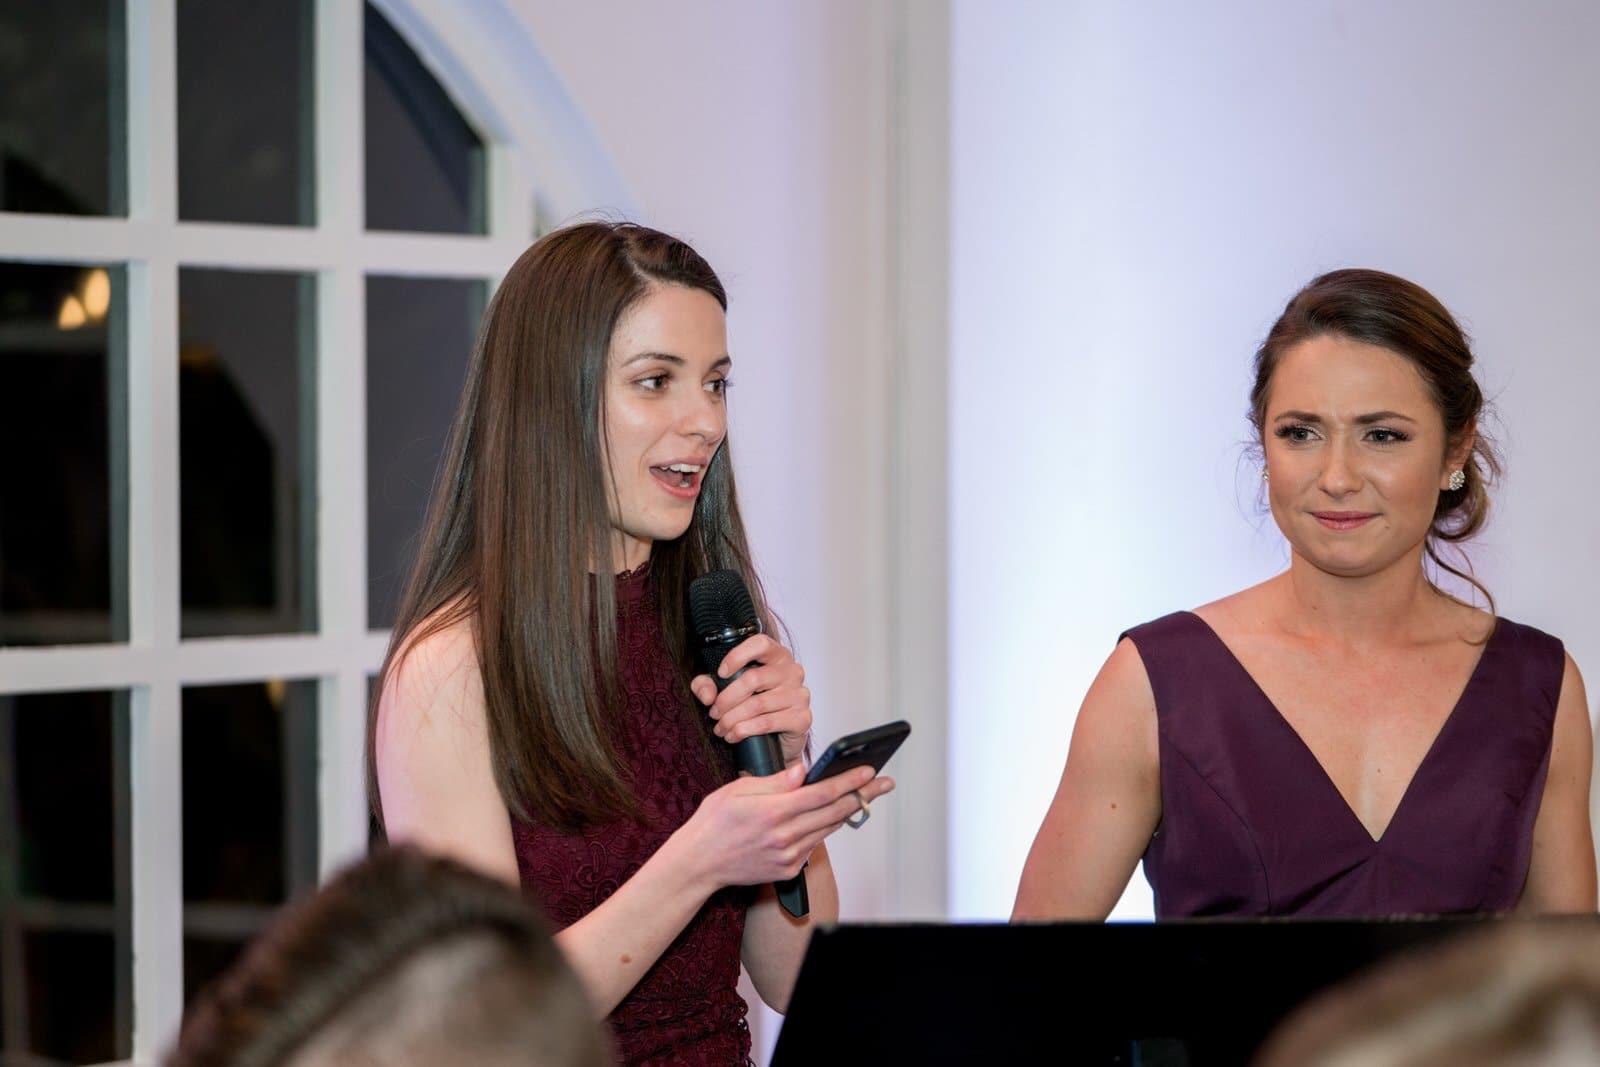 Chateau Wyuna Wedding Reception Speeches